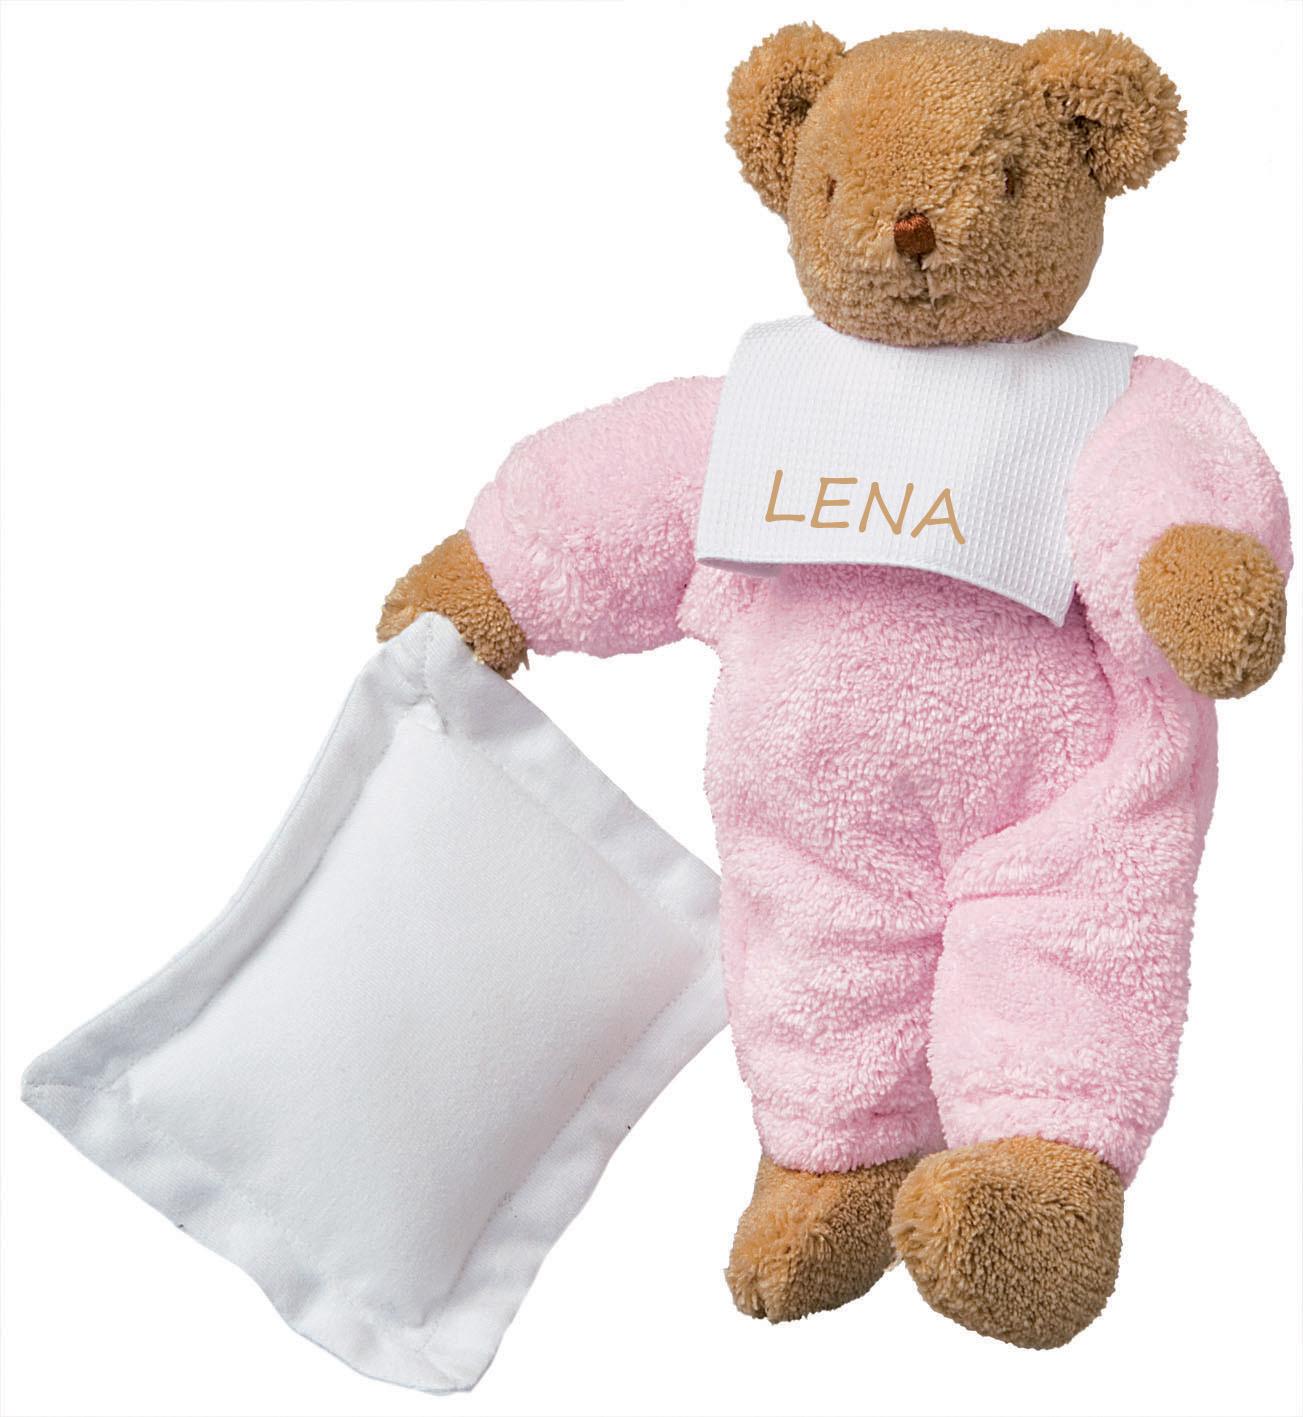 babygeschenke taufgeschenke geschenke geburt spielzeug. Black Bedroom Furniture Sets. Home Design Ideas